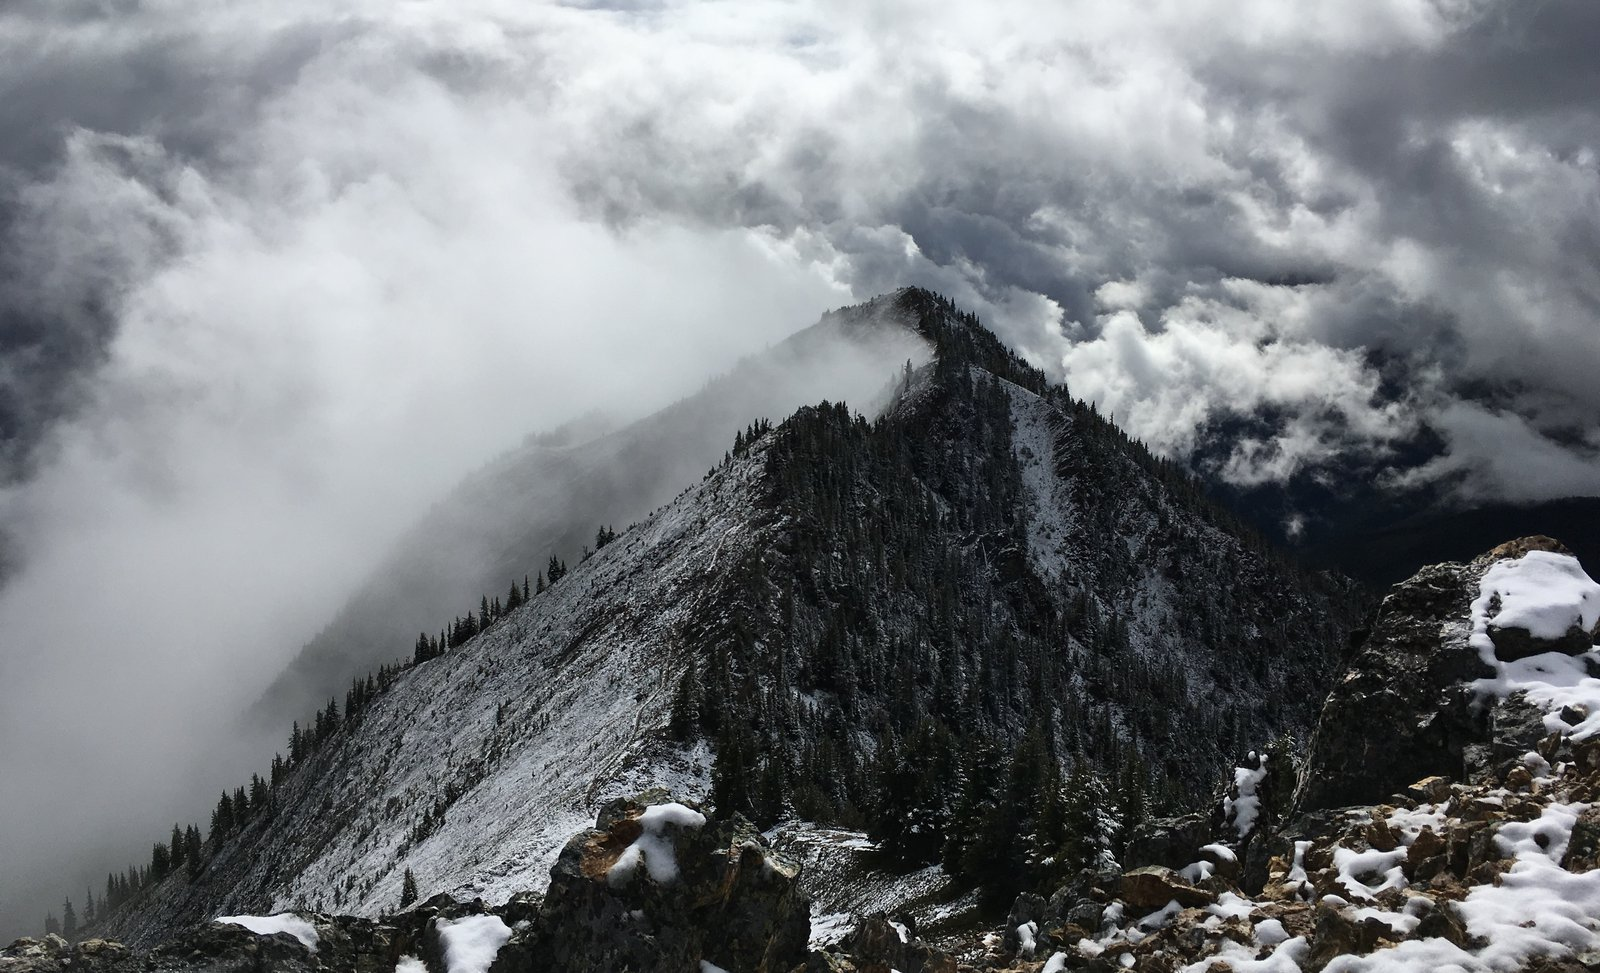 Terminator Ridge